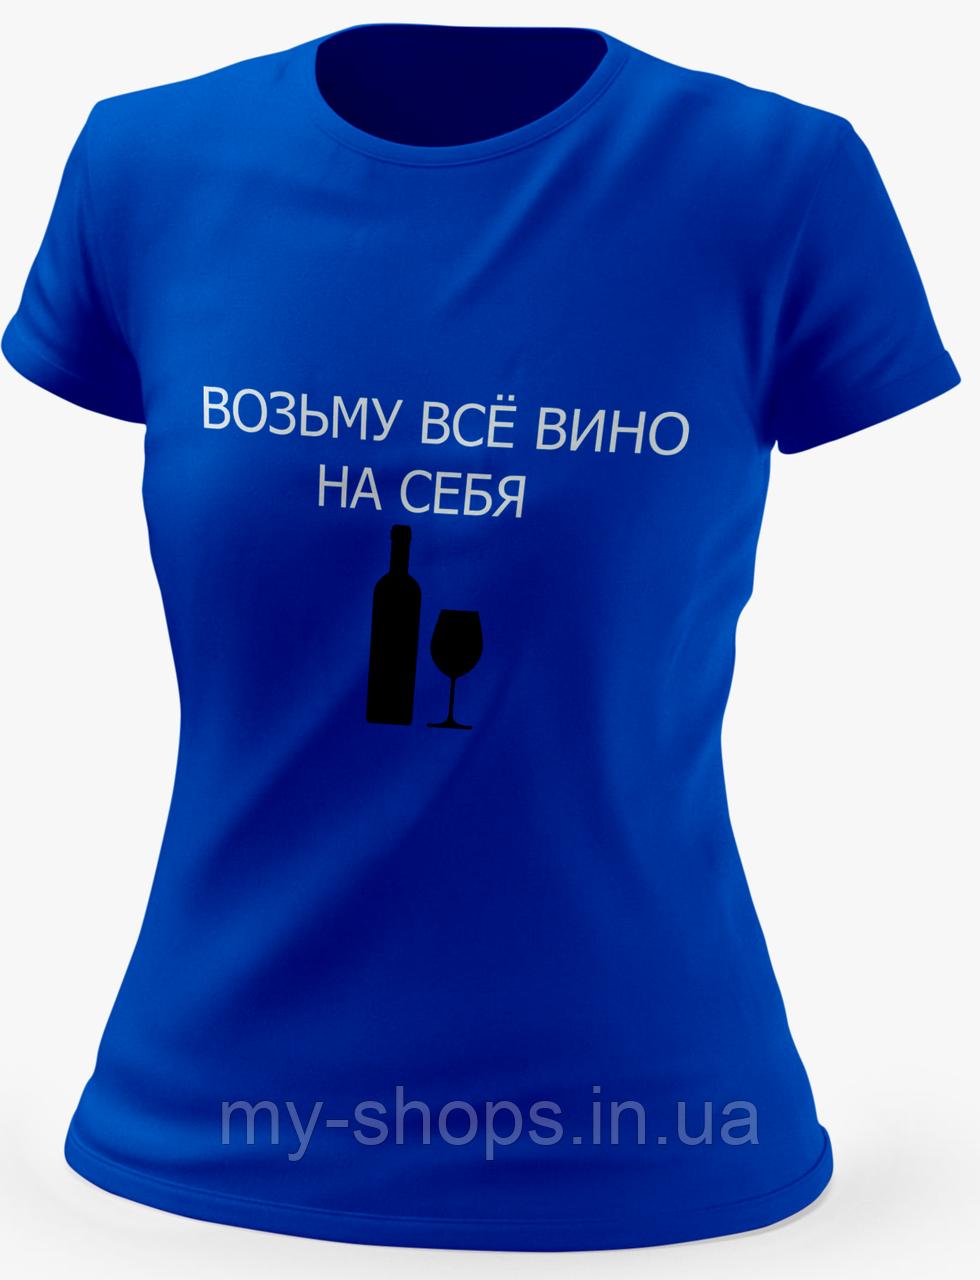 Женские футболки.Возьму все вино на себя